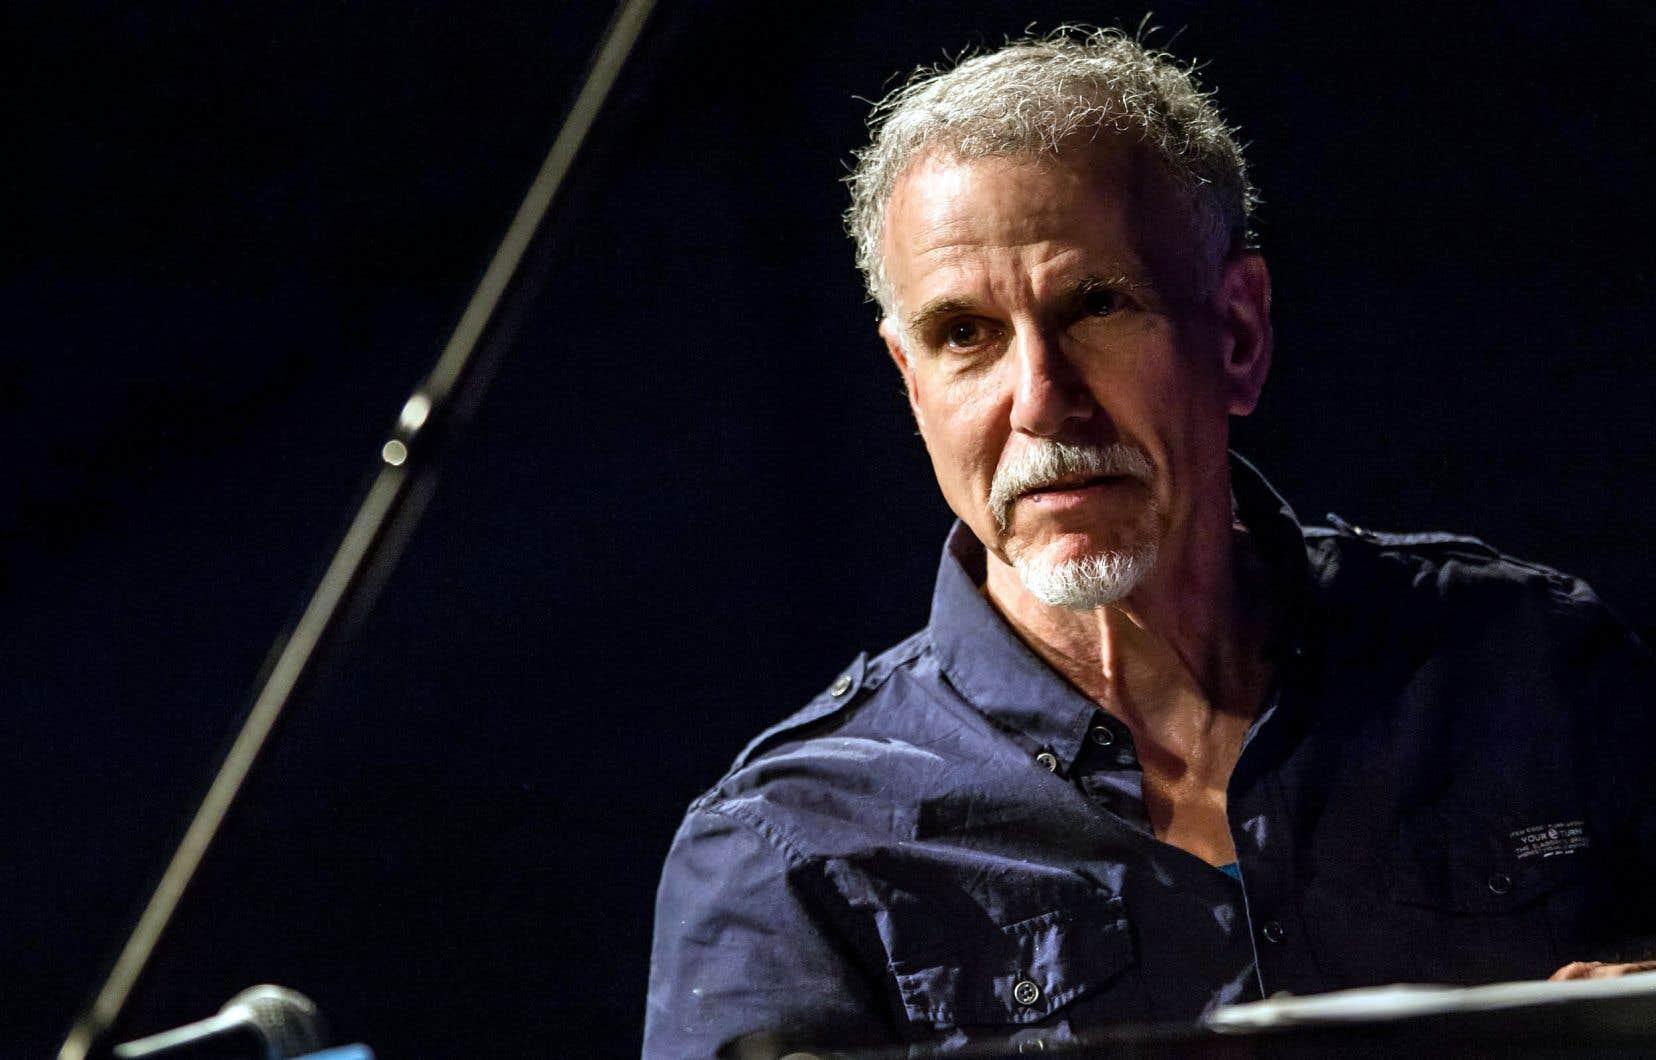 Copland s'est notamment distingué par une série de trois albums intitulée «New York Trio Recordings» réalisée en compagnie de l'immense contrebassiste Gary Peacock et des batteurs Paul Motian et Joey Baron.